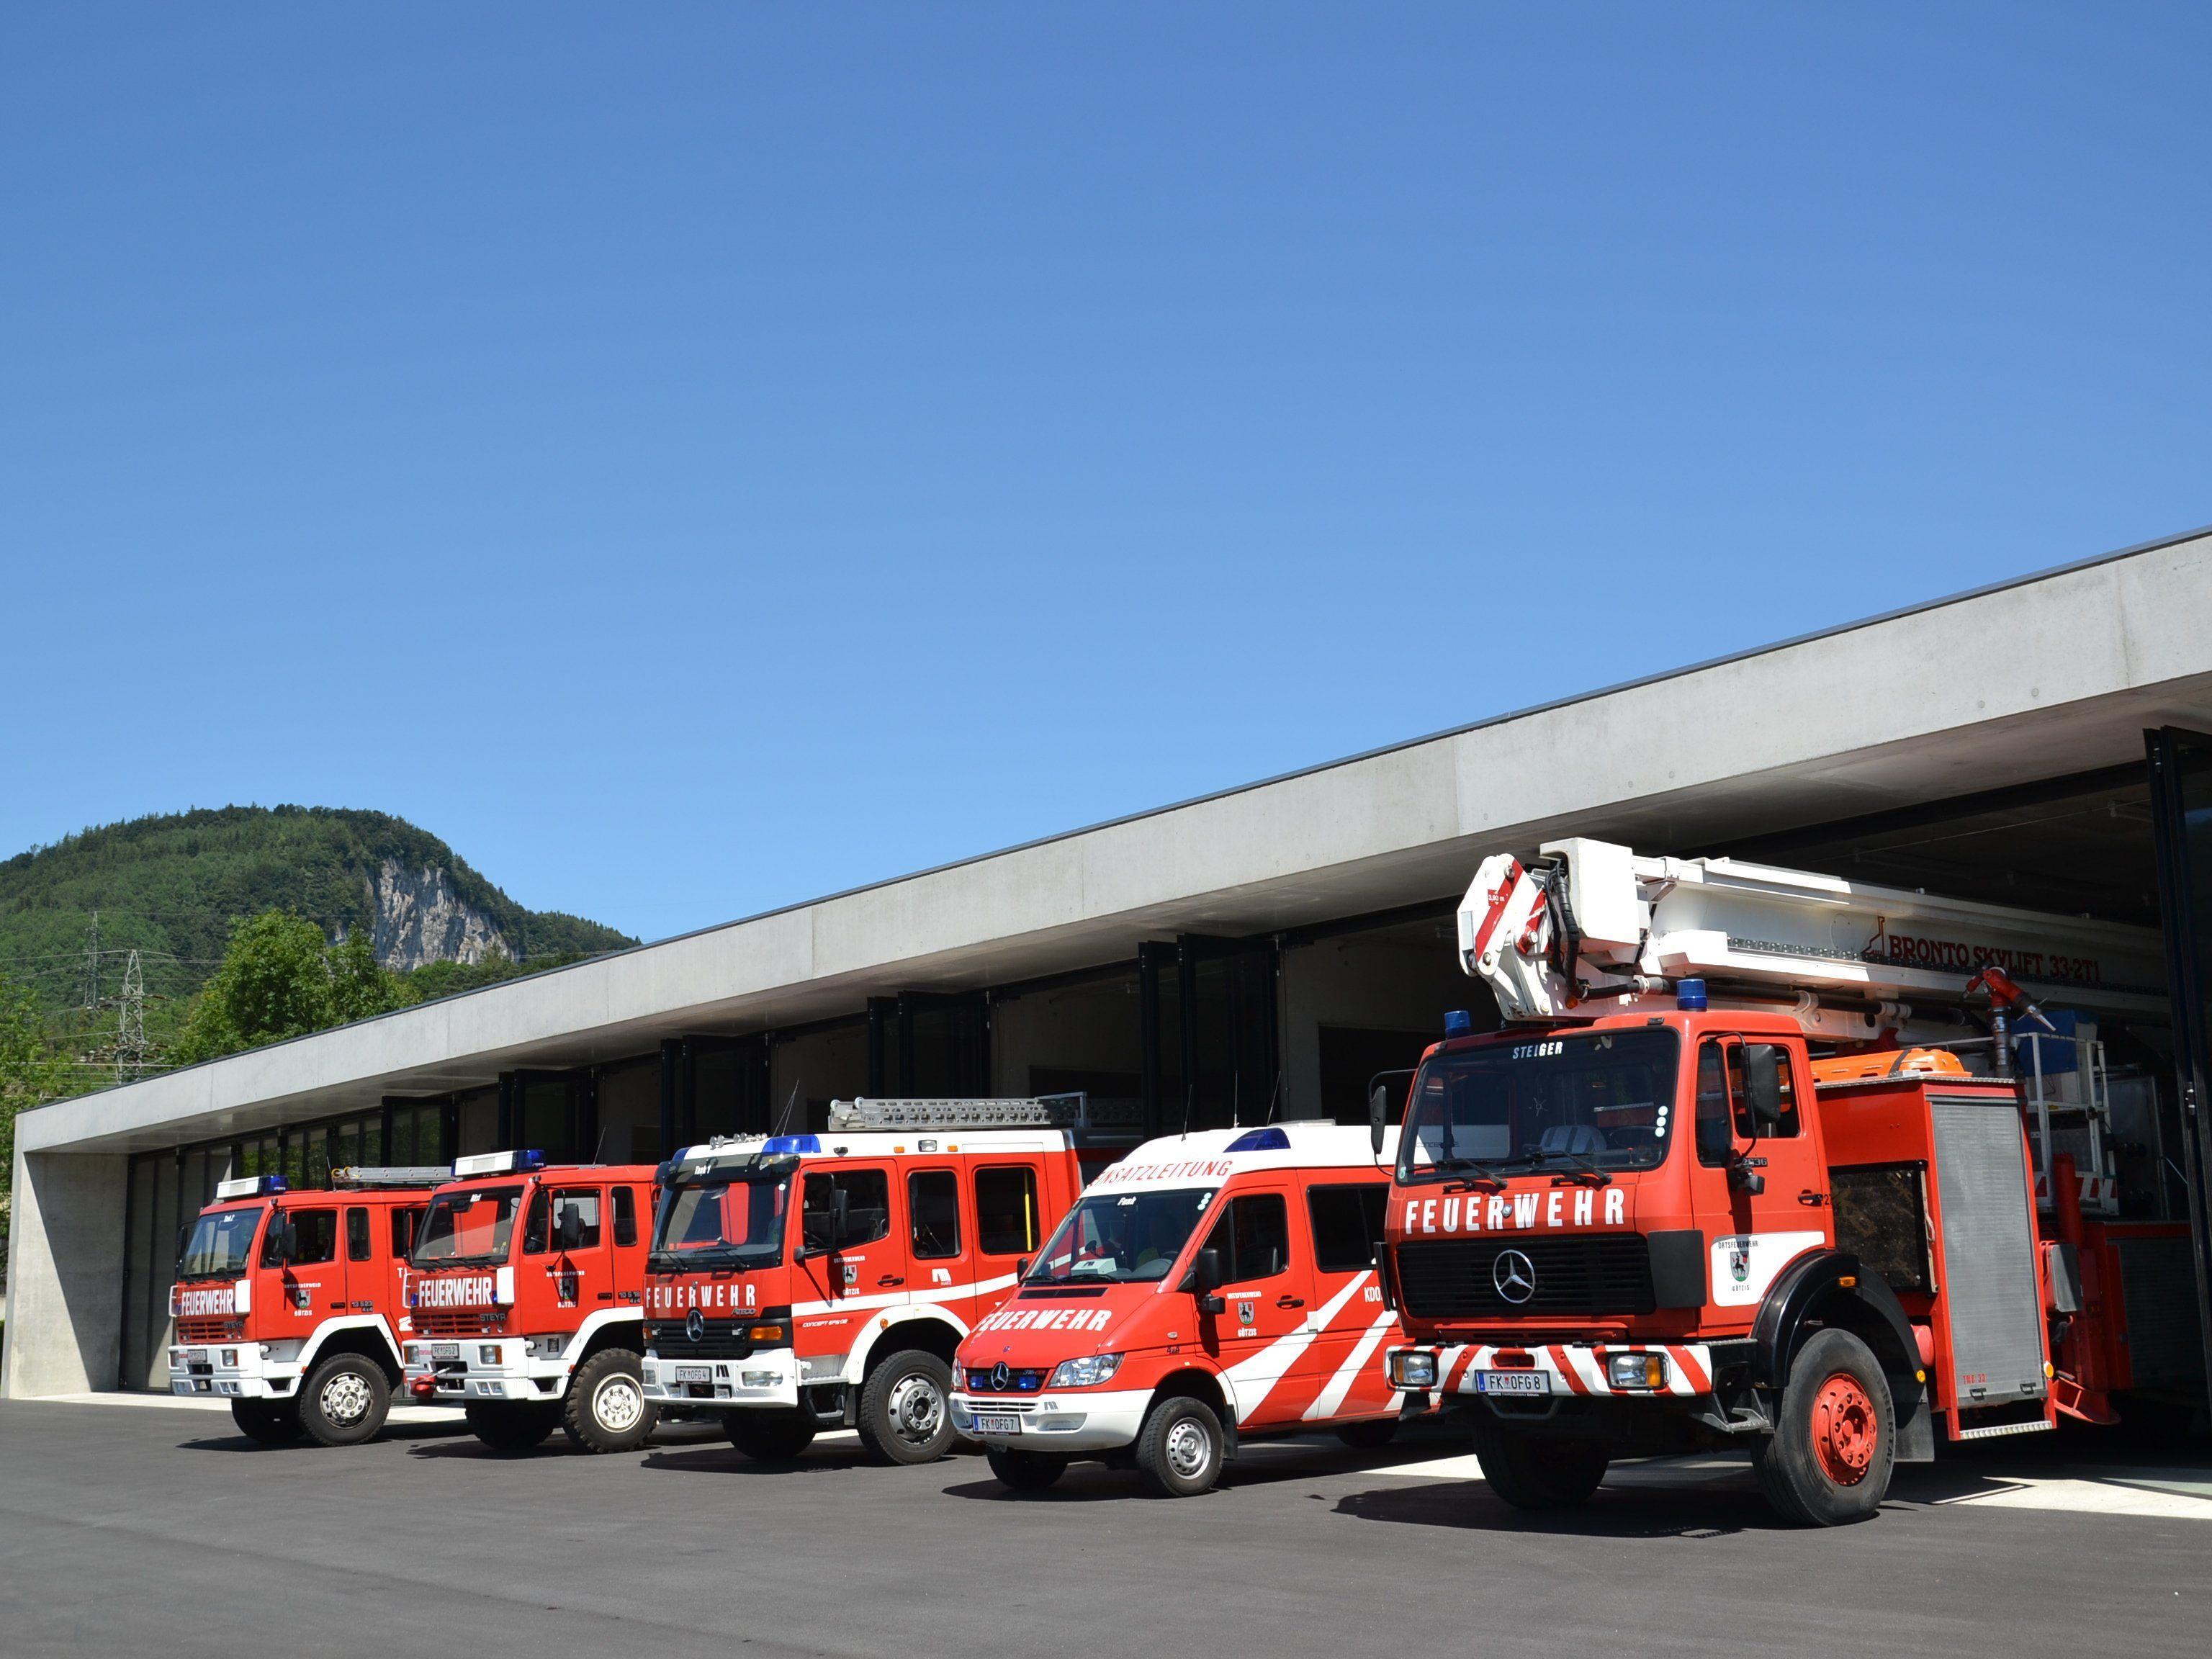 Vor rund einem Jahr wurde das Feuerwehrhaus in Götzis eröffnet. Die Kritik an der Realisierung blieb aber aufrecht.